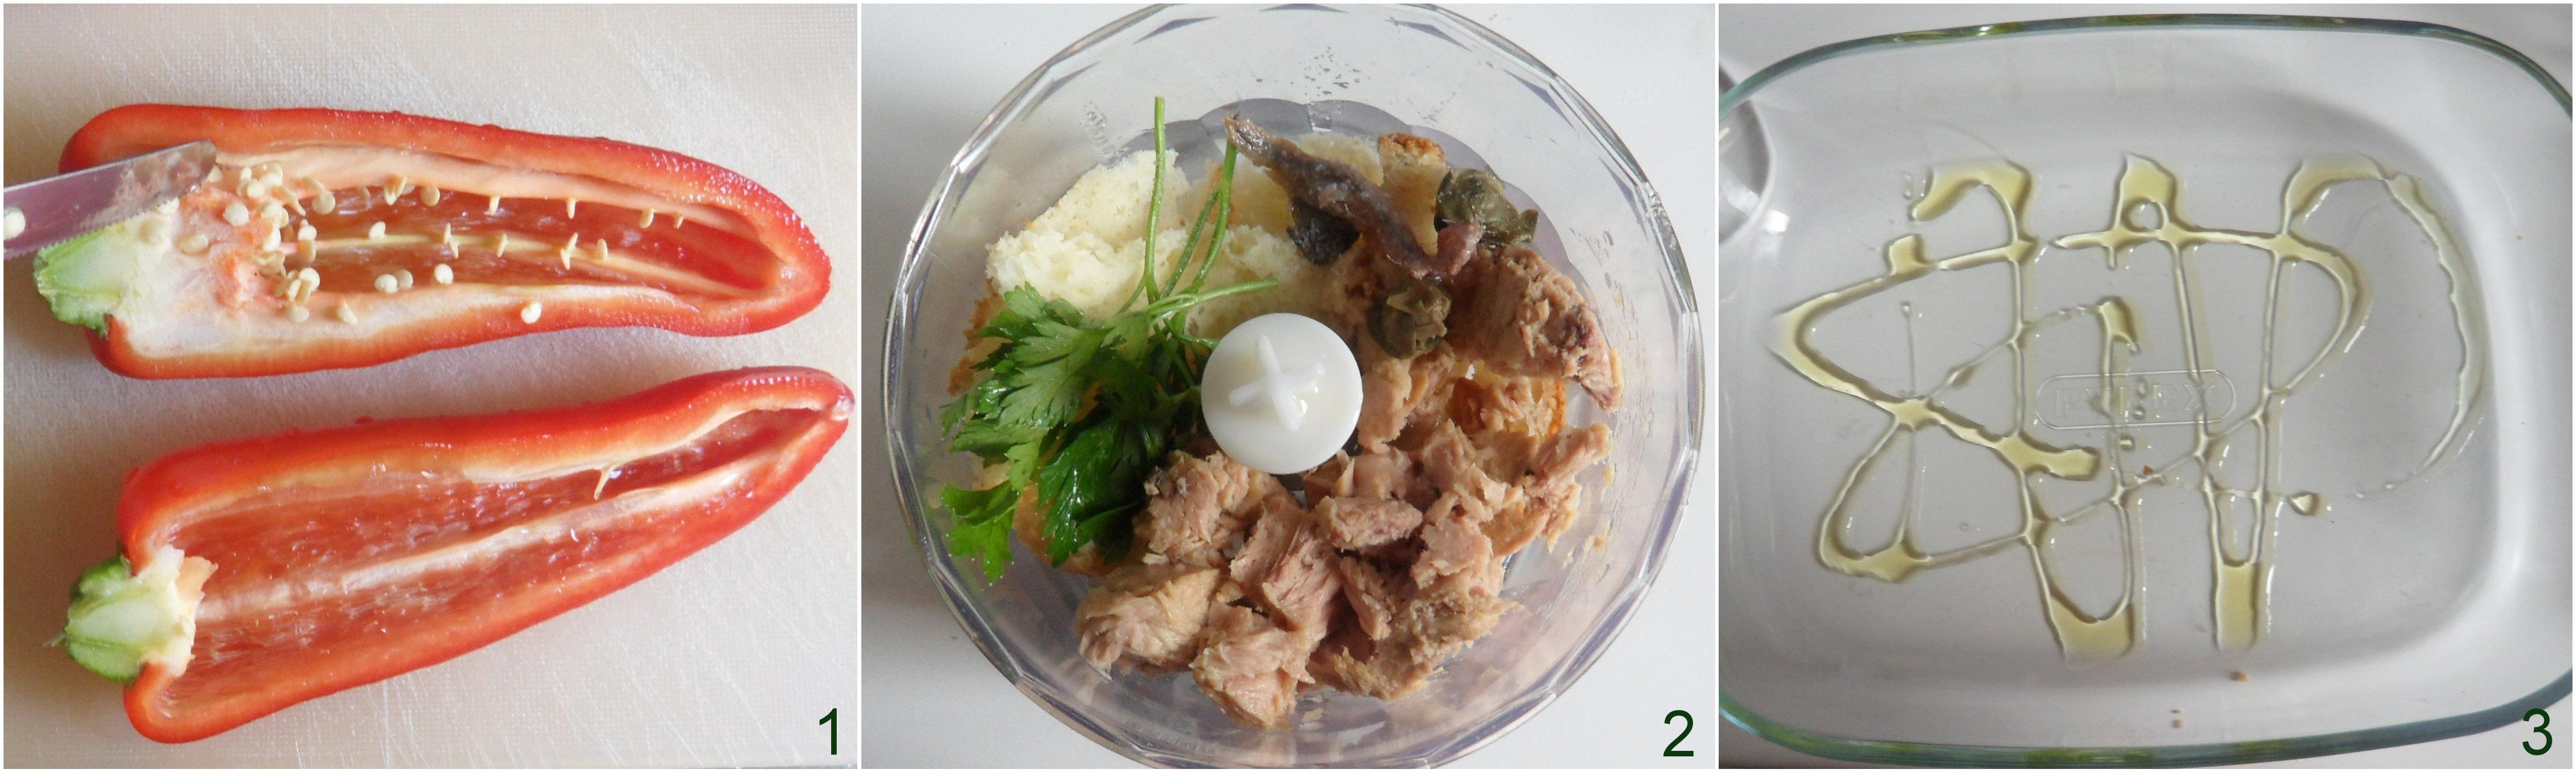 Peperoni ripieni di tonno ricetta veloce il chicco di mais 2